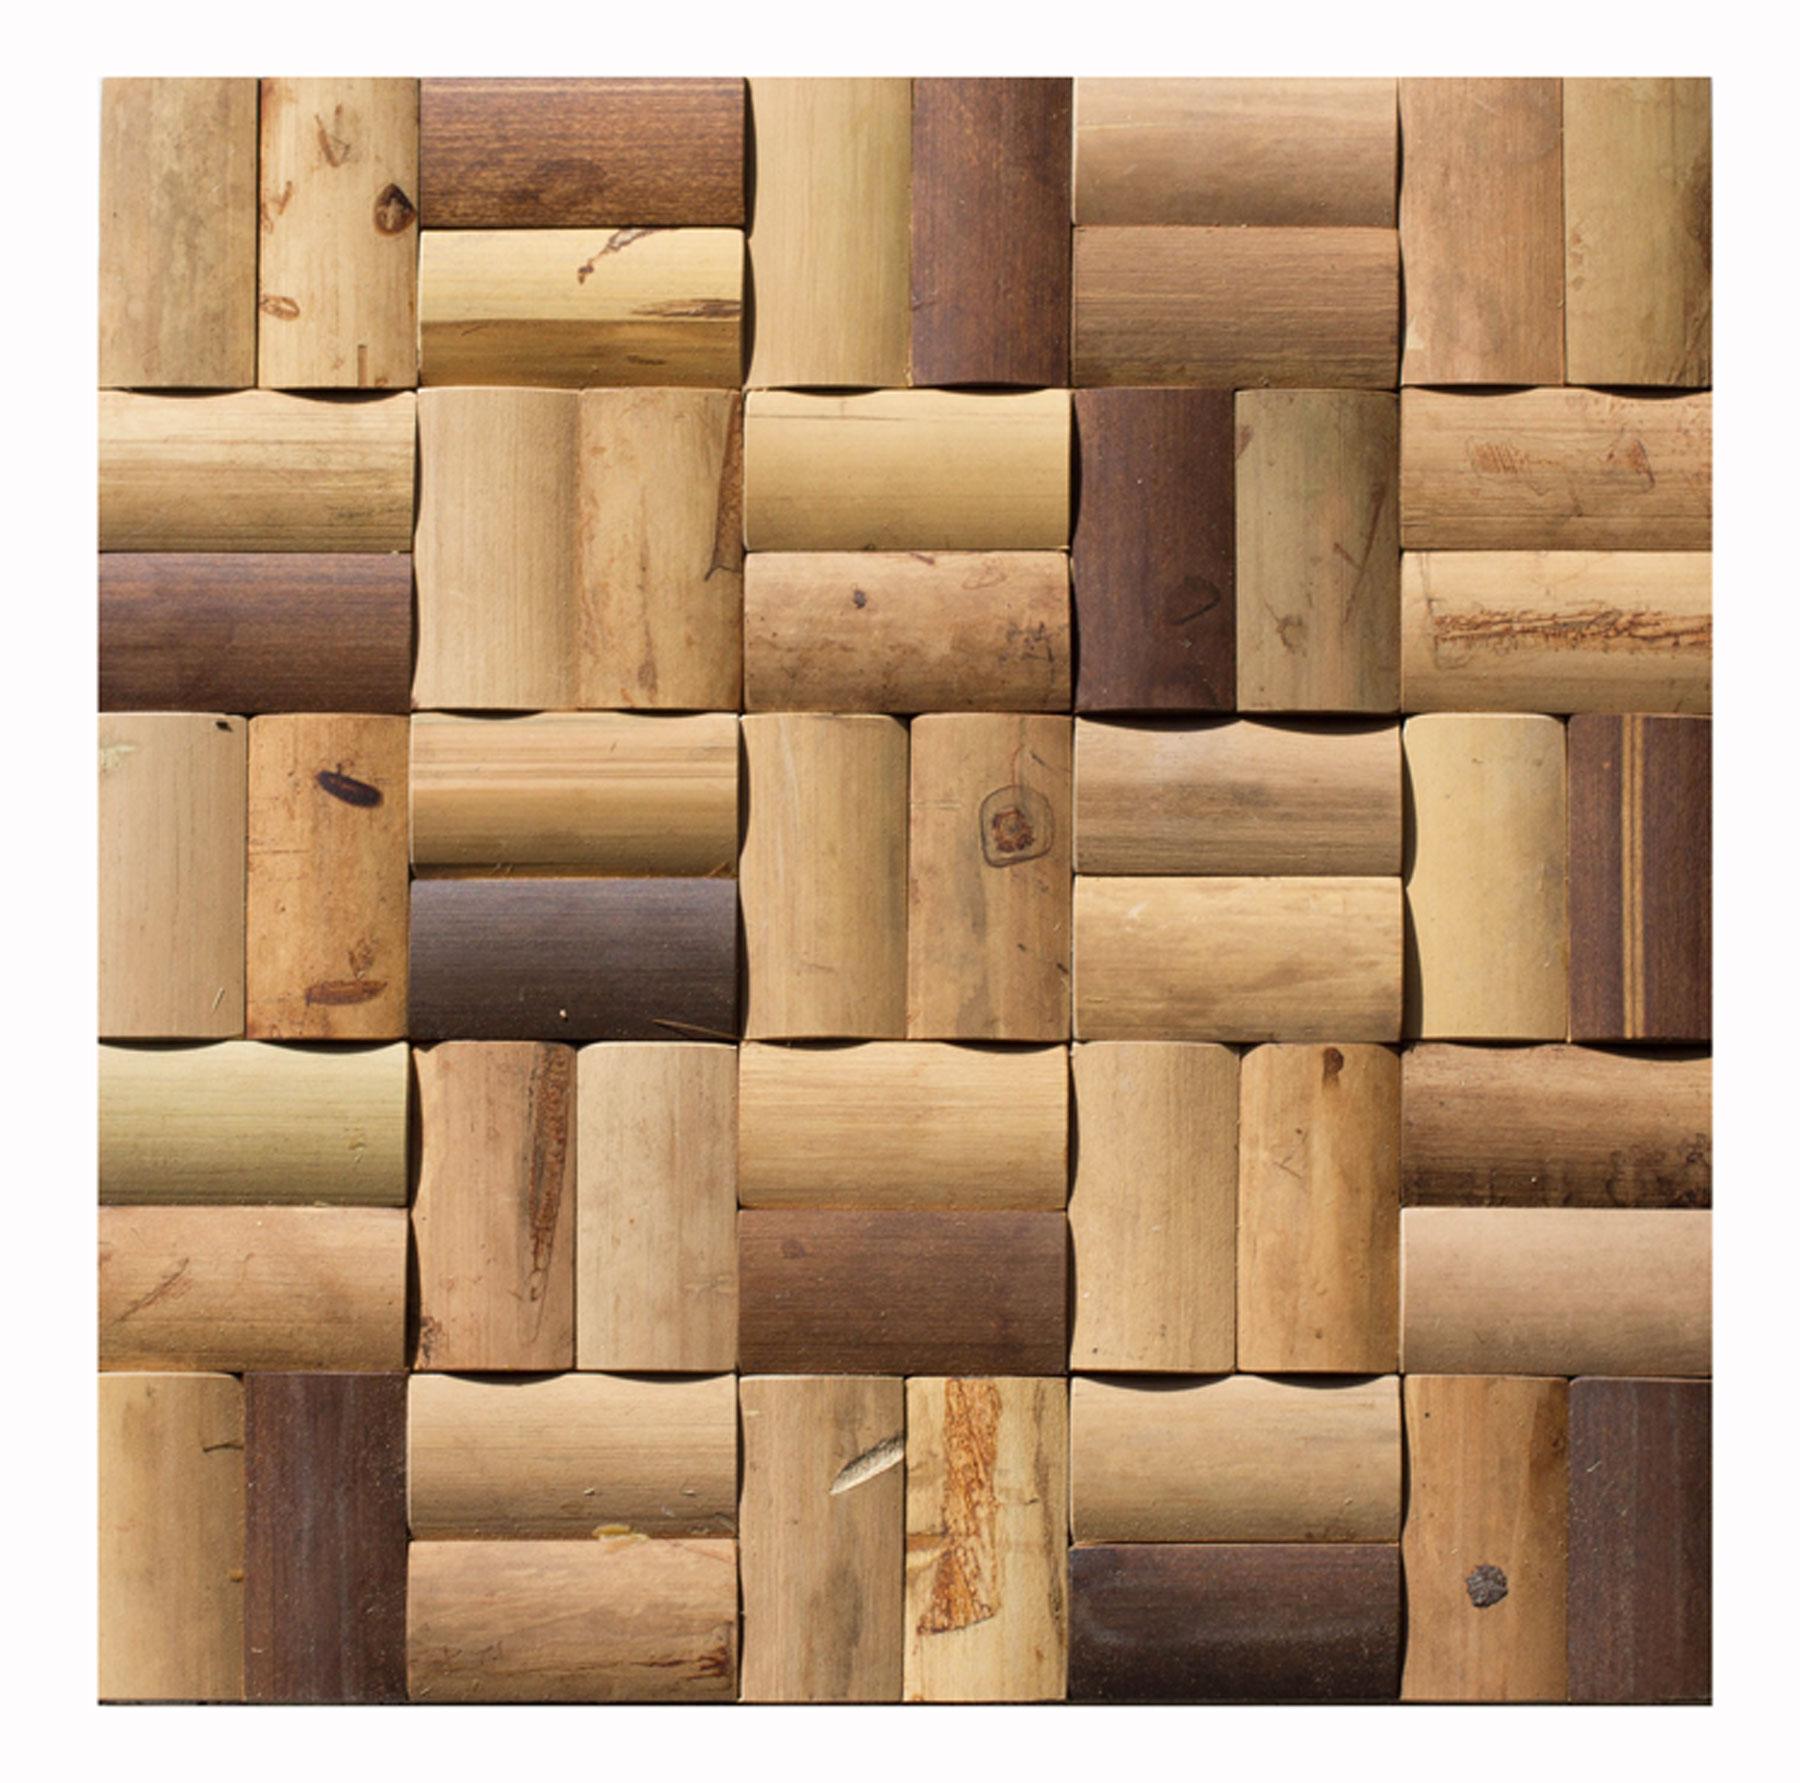 Holz-Mosaik-Verblender